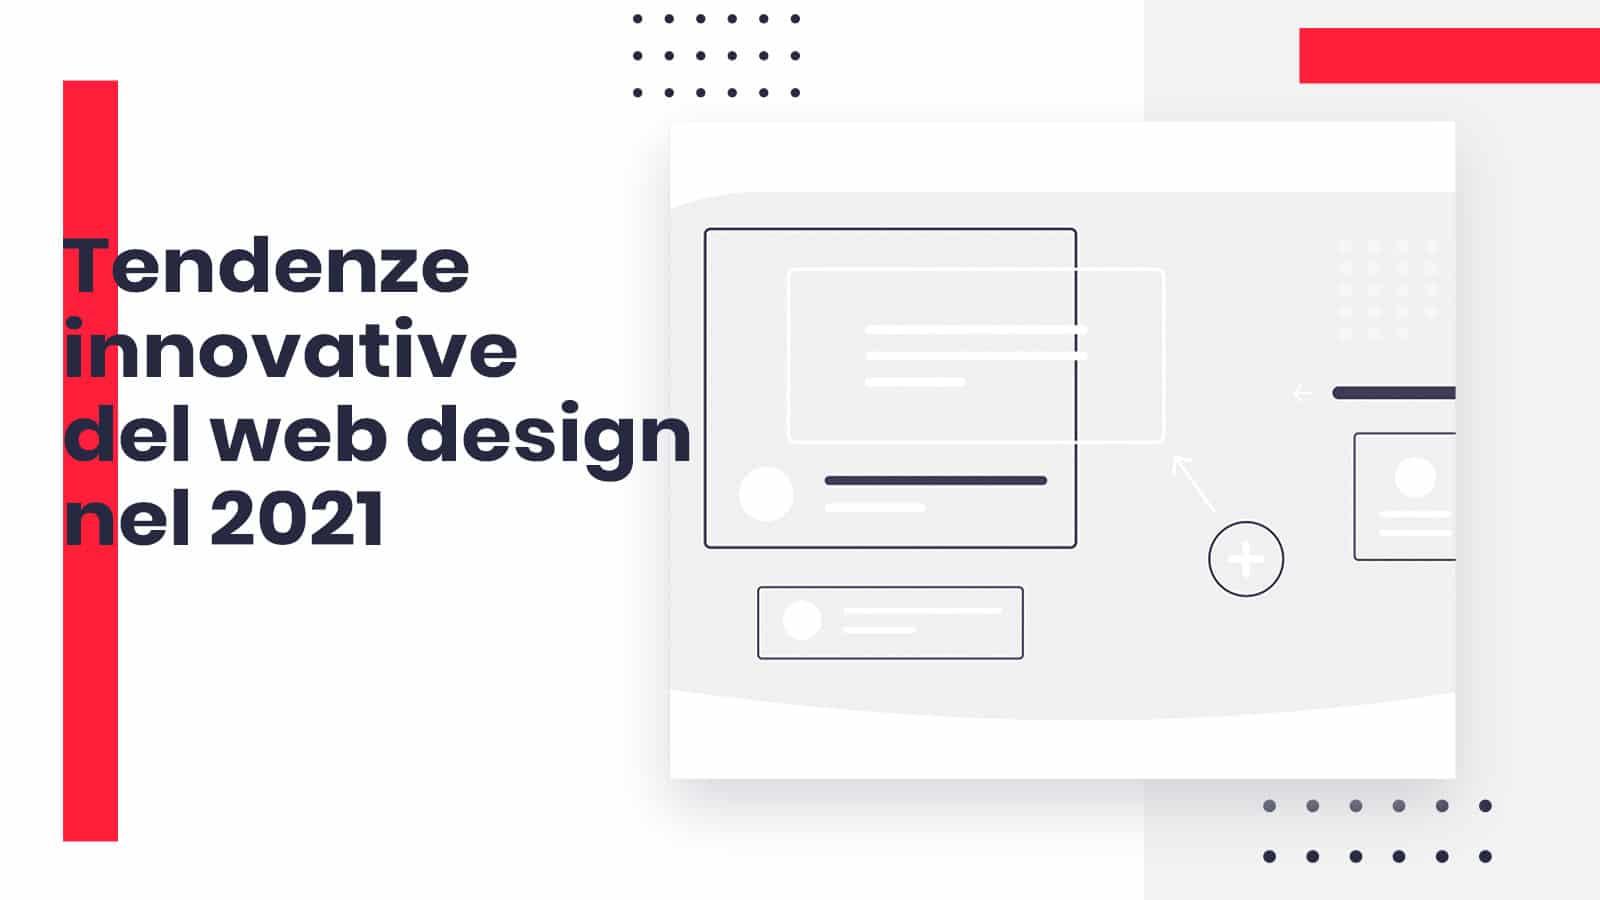 Tendenze innovative del web design nel 2021